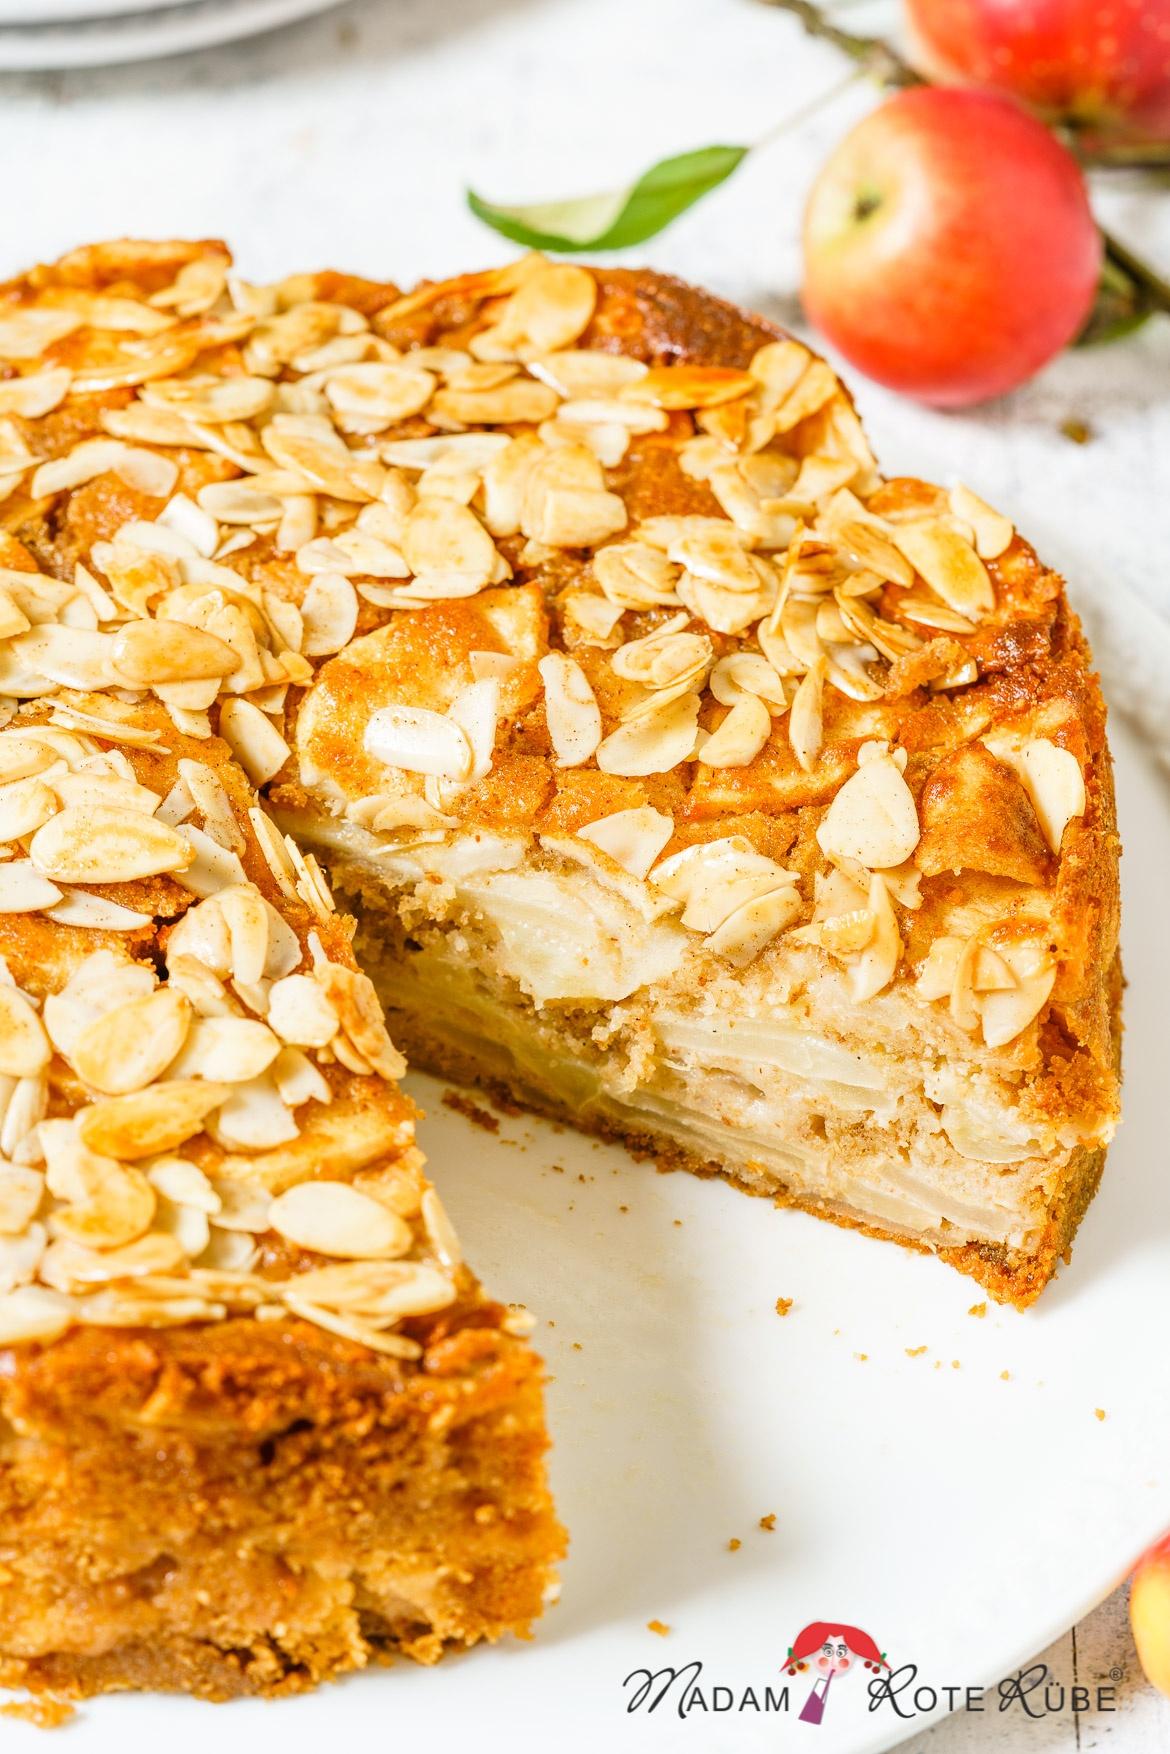 Madam Rote Rübe - Einfacher Apfel-Vollkornkuchen mit Honig-Mandel-Decke